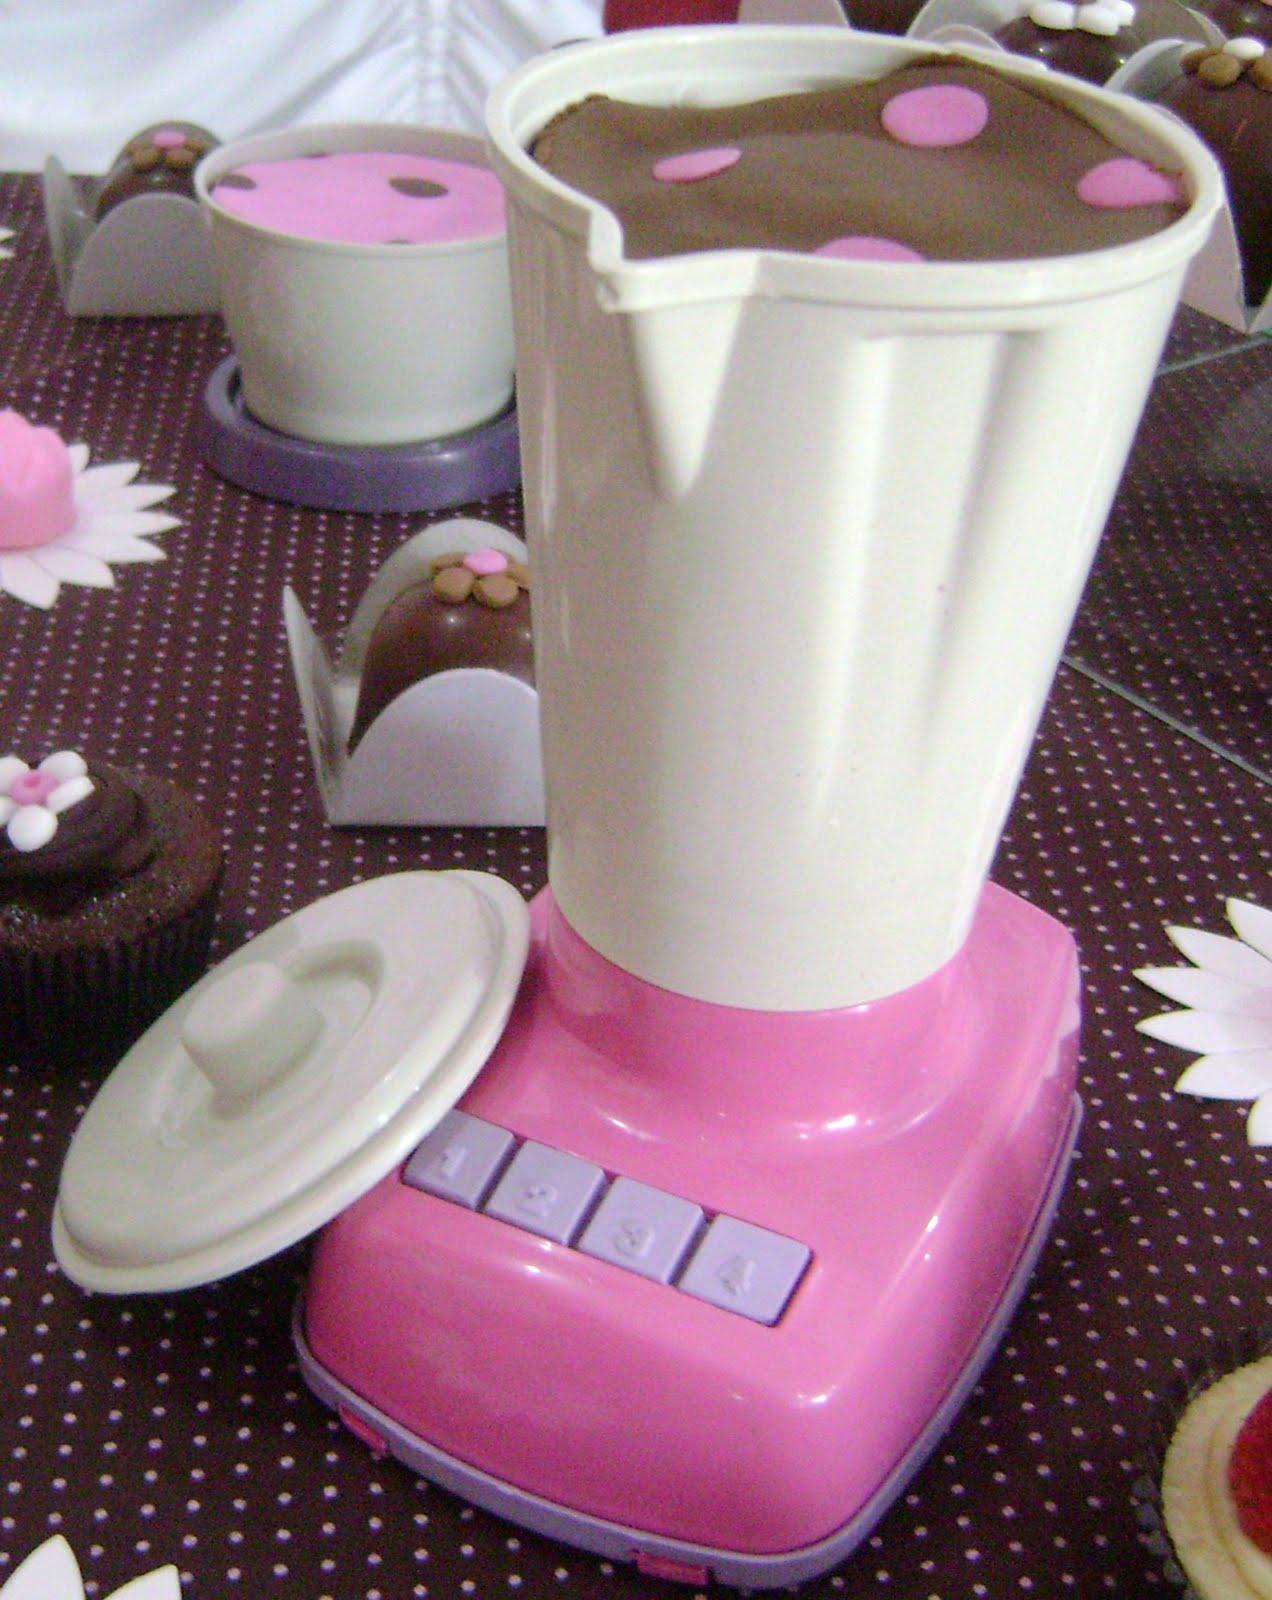 #9B3074 Michelle Lecce Bolos Doces e Chocolates: Chá de Panela 1272x1600 px Projetar Minha Cozinha_886 Imagens